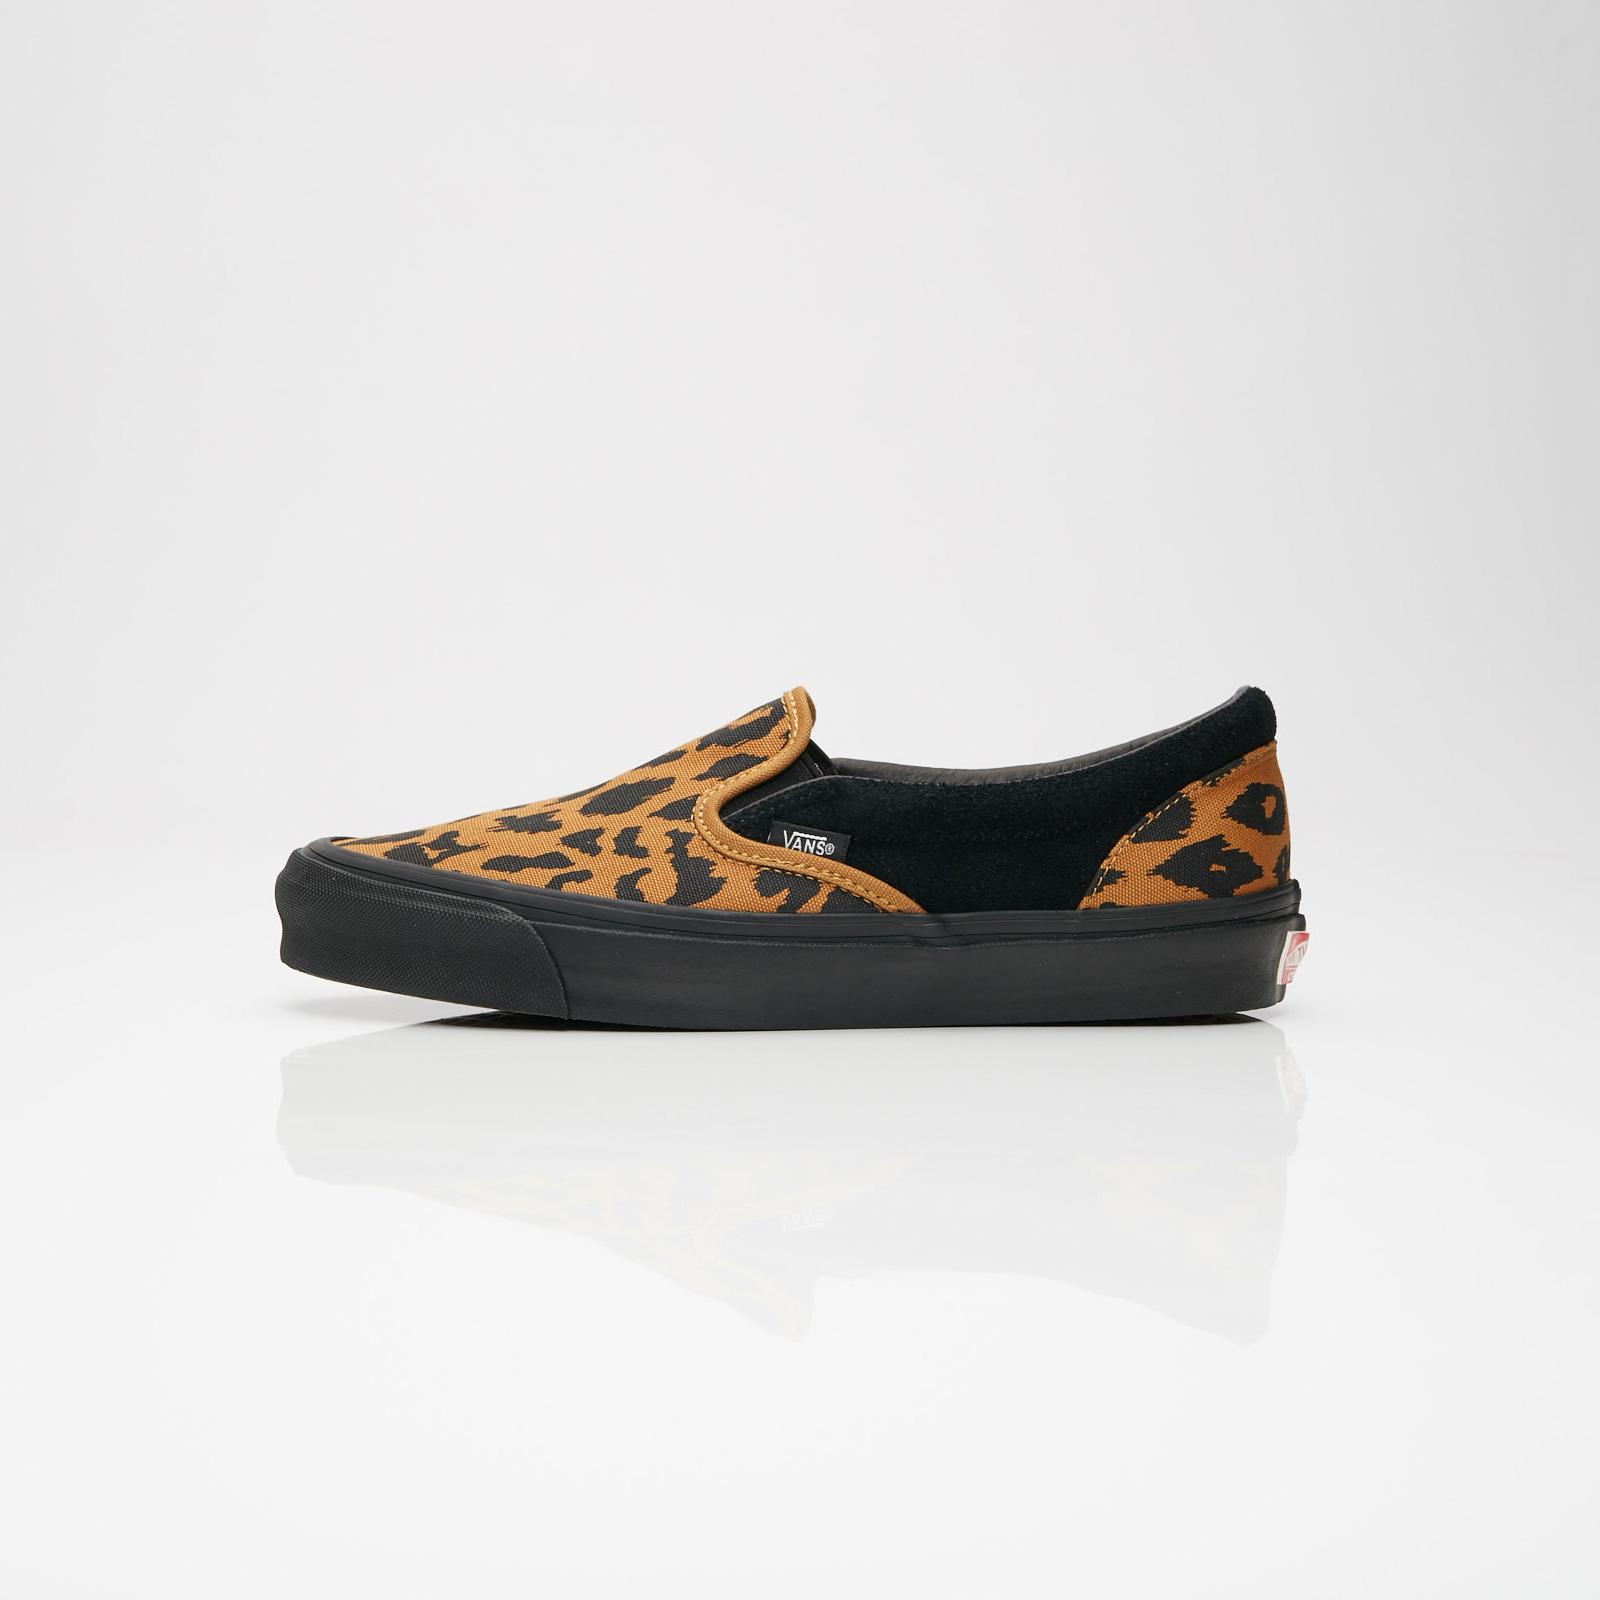 53c9ea4a87849c Vans UA OG Classic Slip-On LX - V00udfu9r - Sneakersnstuff ...